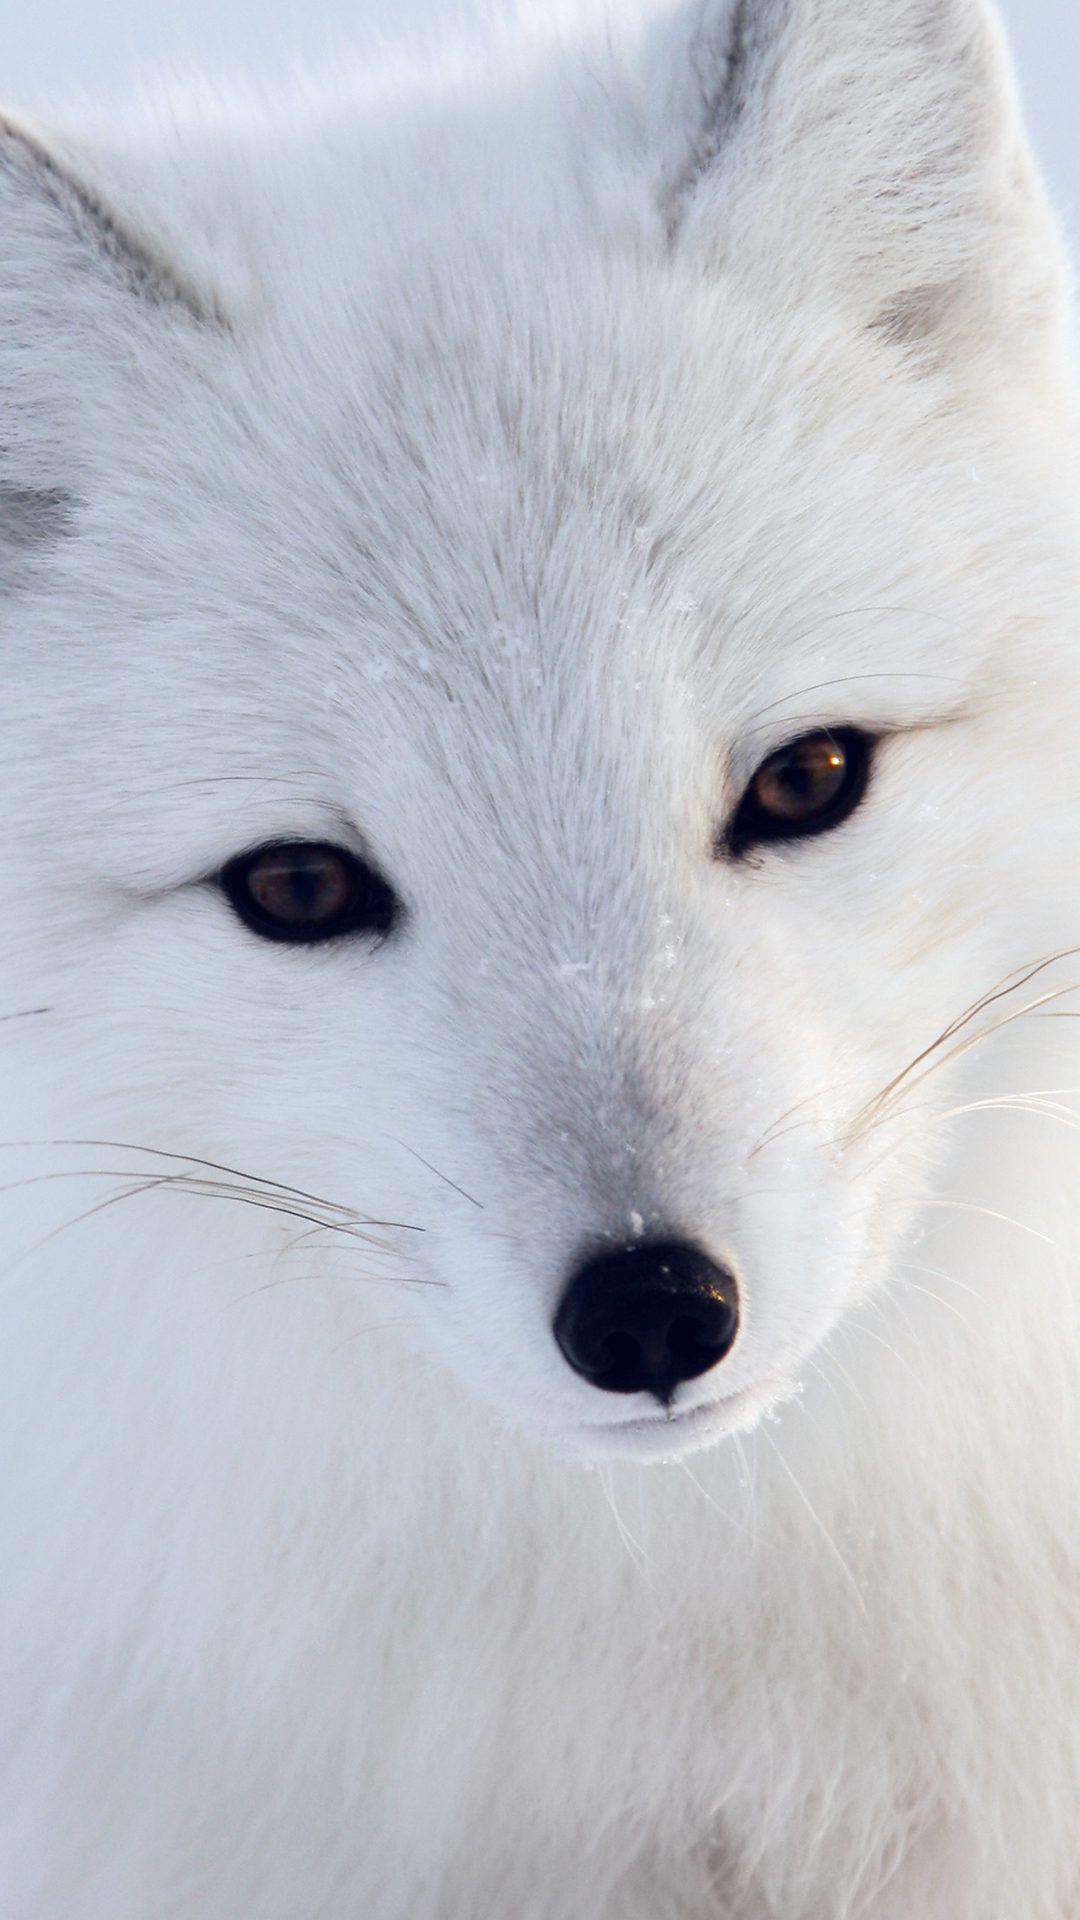 Artic Fox White Animal Cute